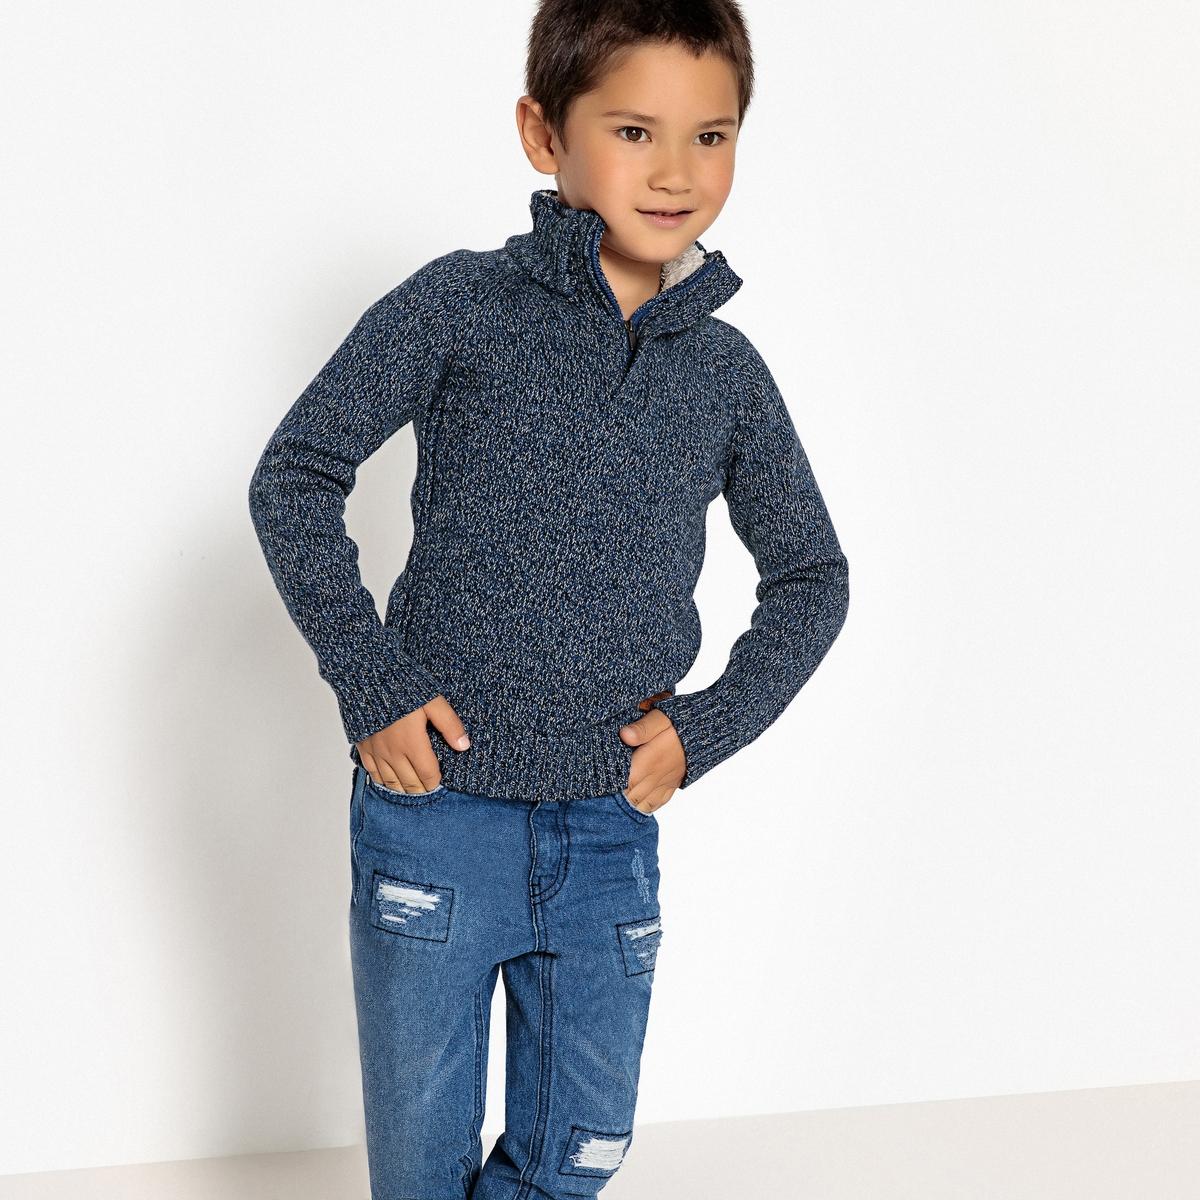 Пуловер La Redoute Теплый с воротником-стойкой на молнии 4 года - 102 см синий